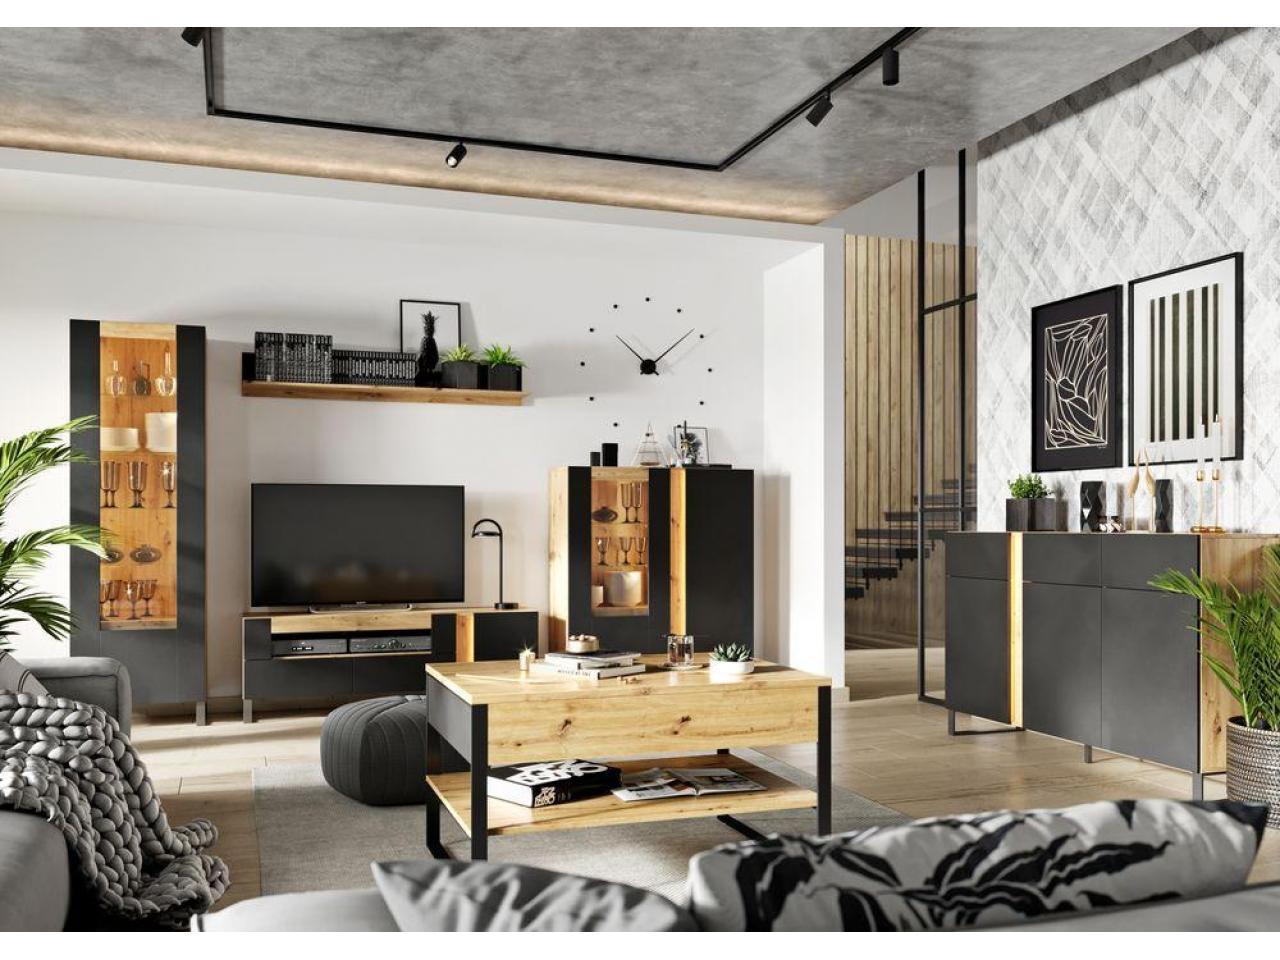 Furnipol-Польская мебель для дома с доставкой - 1